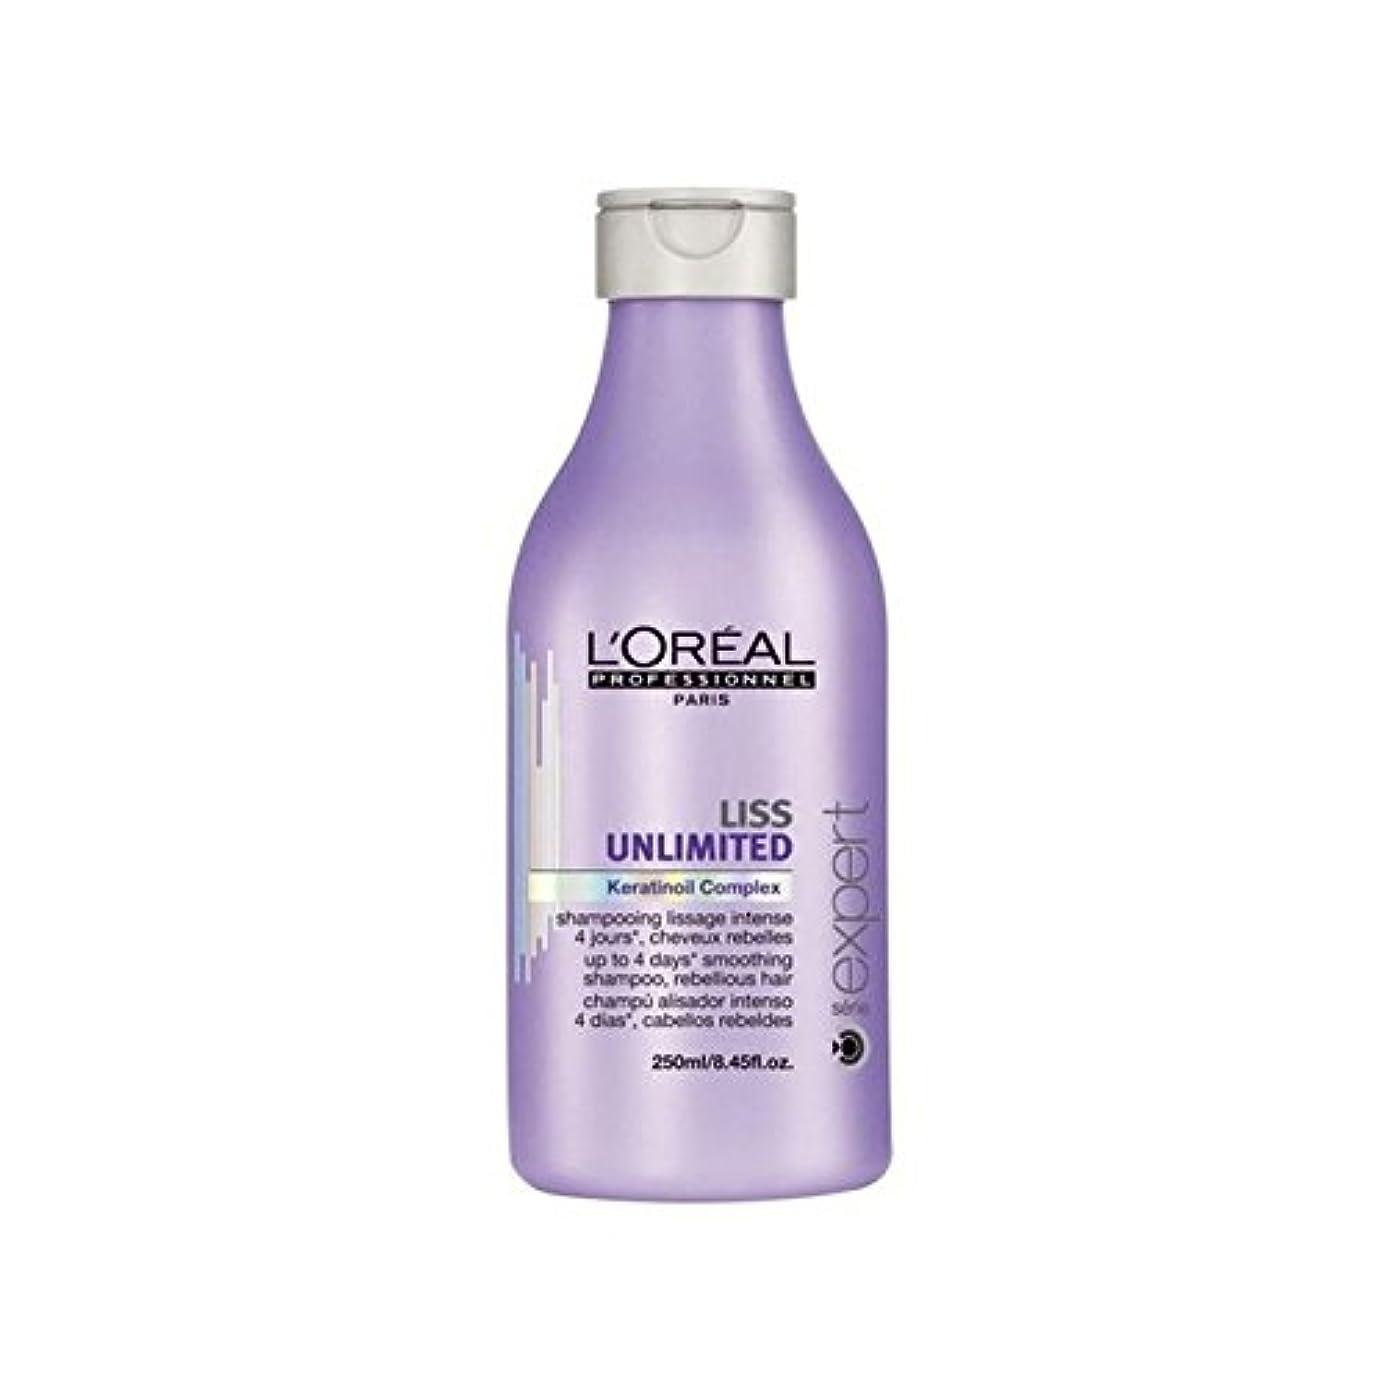 妻結婚式からかうロレアルプロフェッショナルセリエ専門家無制限のシャンプー(250ミリリットル) x2 - L'Oreal Professionnel Serie Expert Liss Unlimited Shampoo (250ml) (Pack of 2) [並行輸入品]